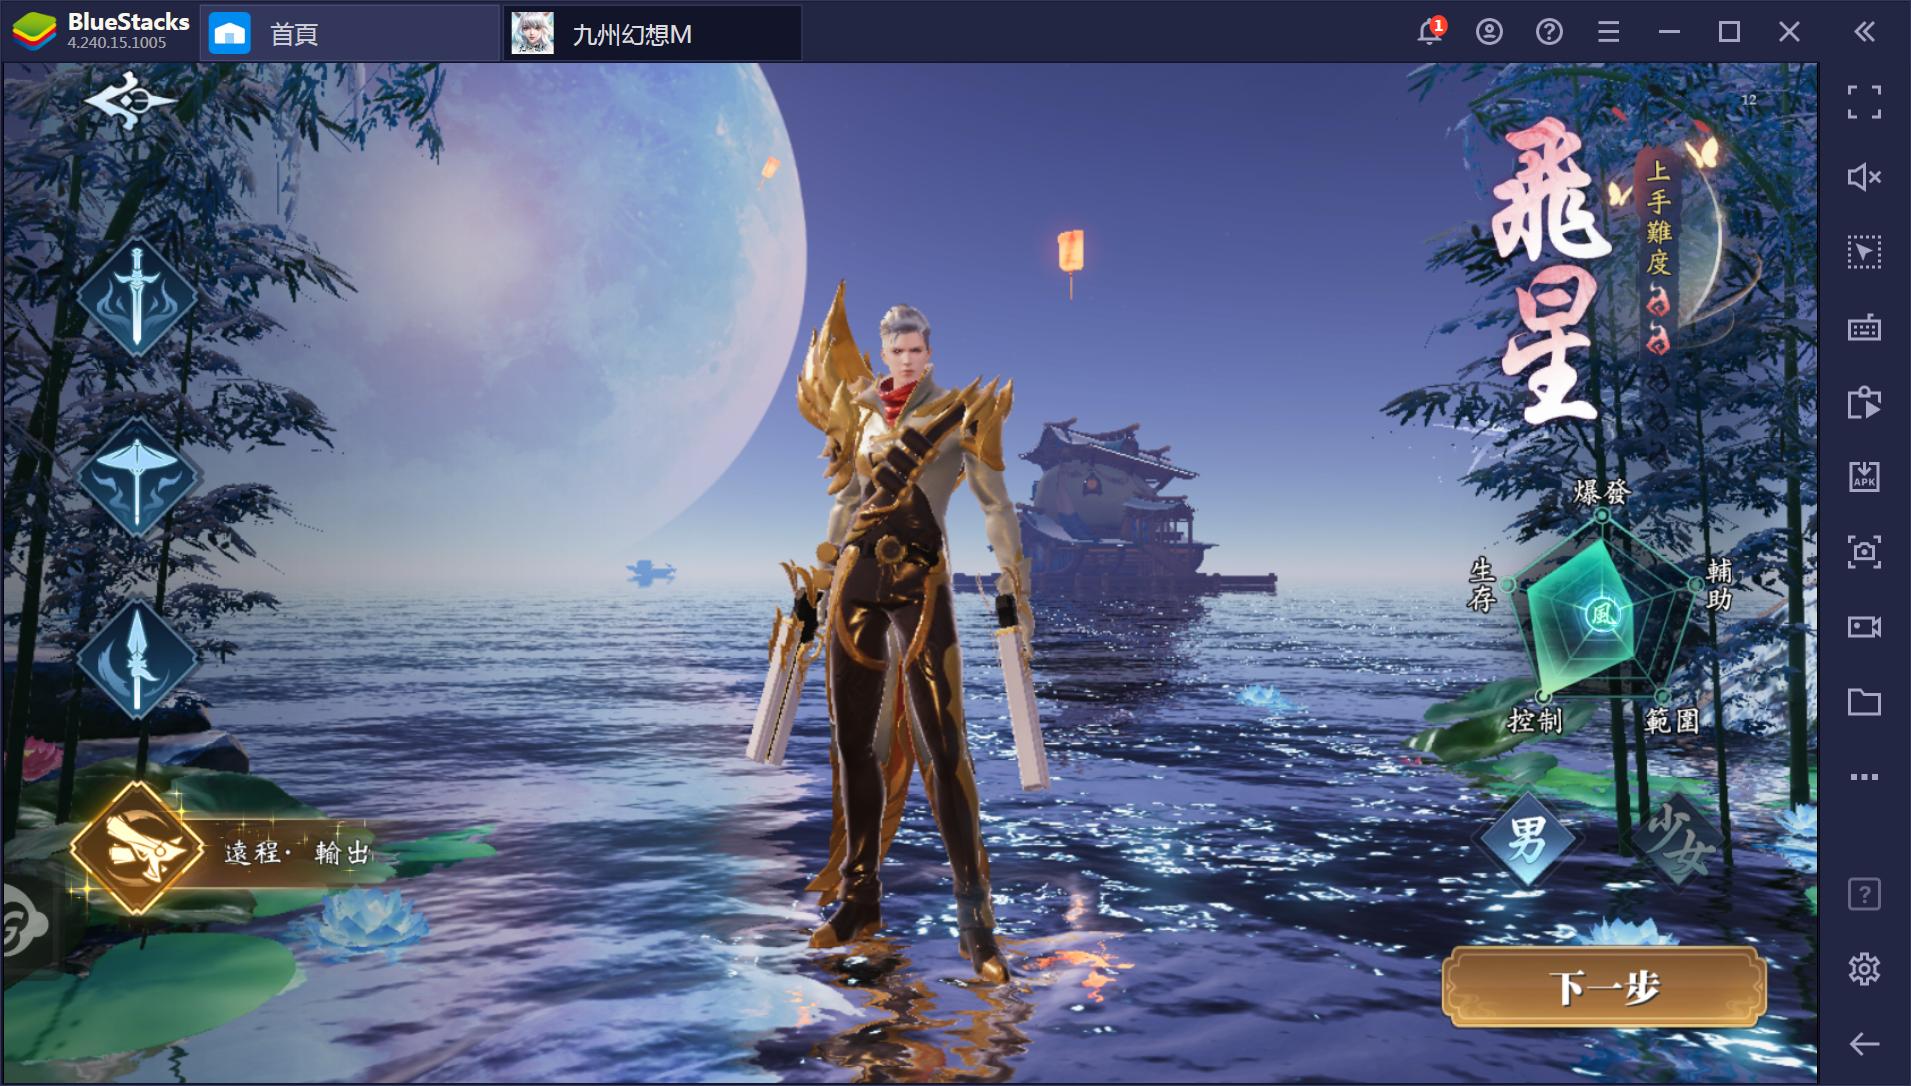 使用BlueStacks在PC上遊玩MMORPG/3A捏臉手遊《九州幻想M》